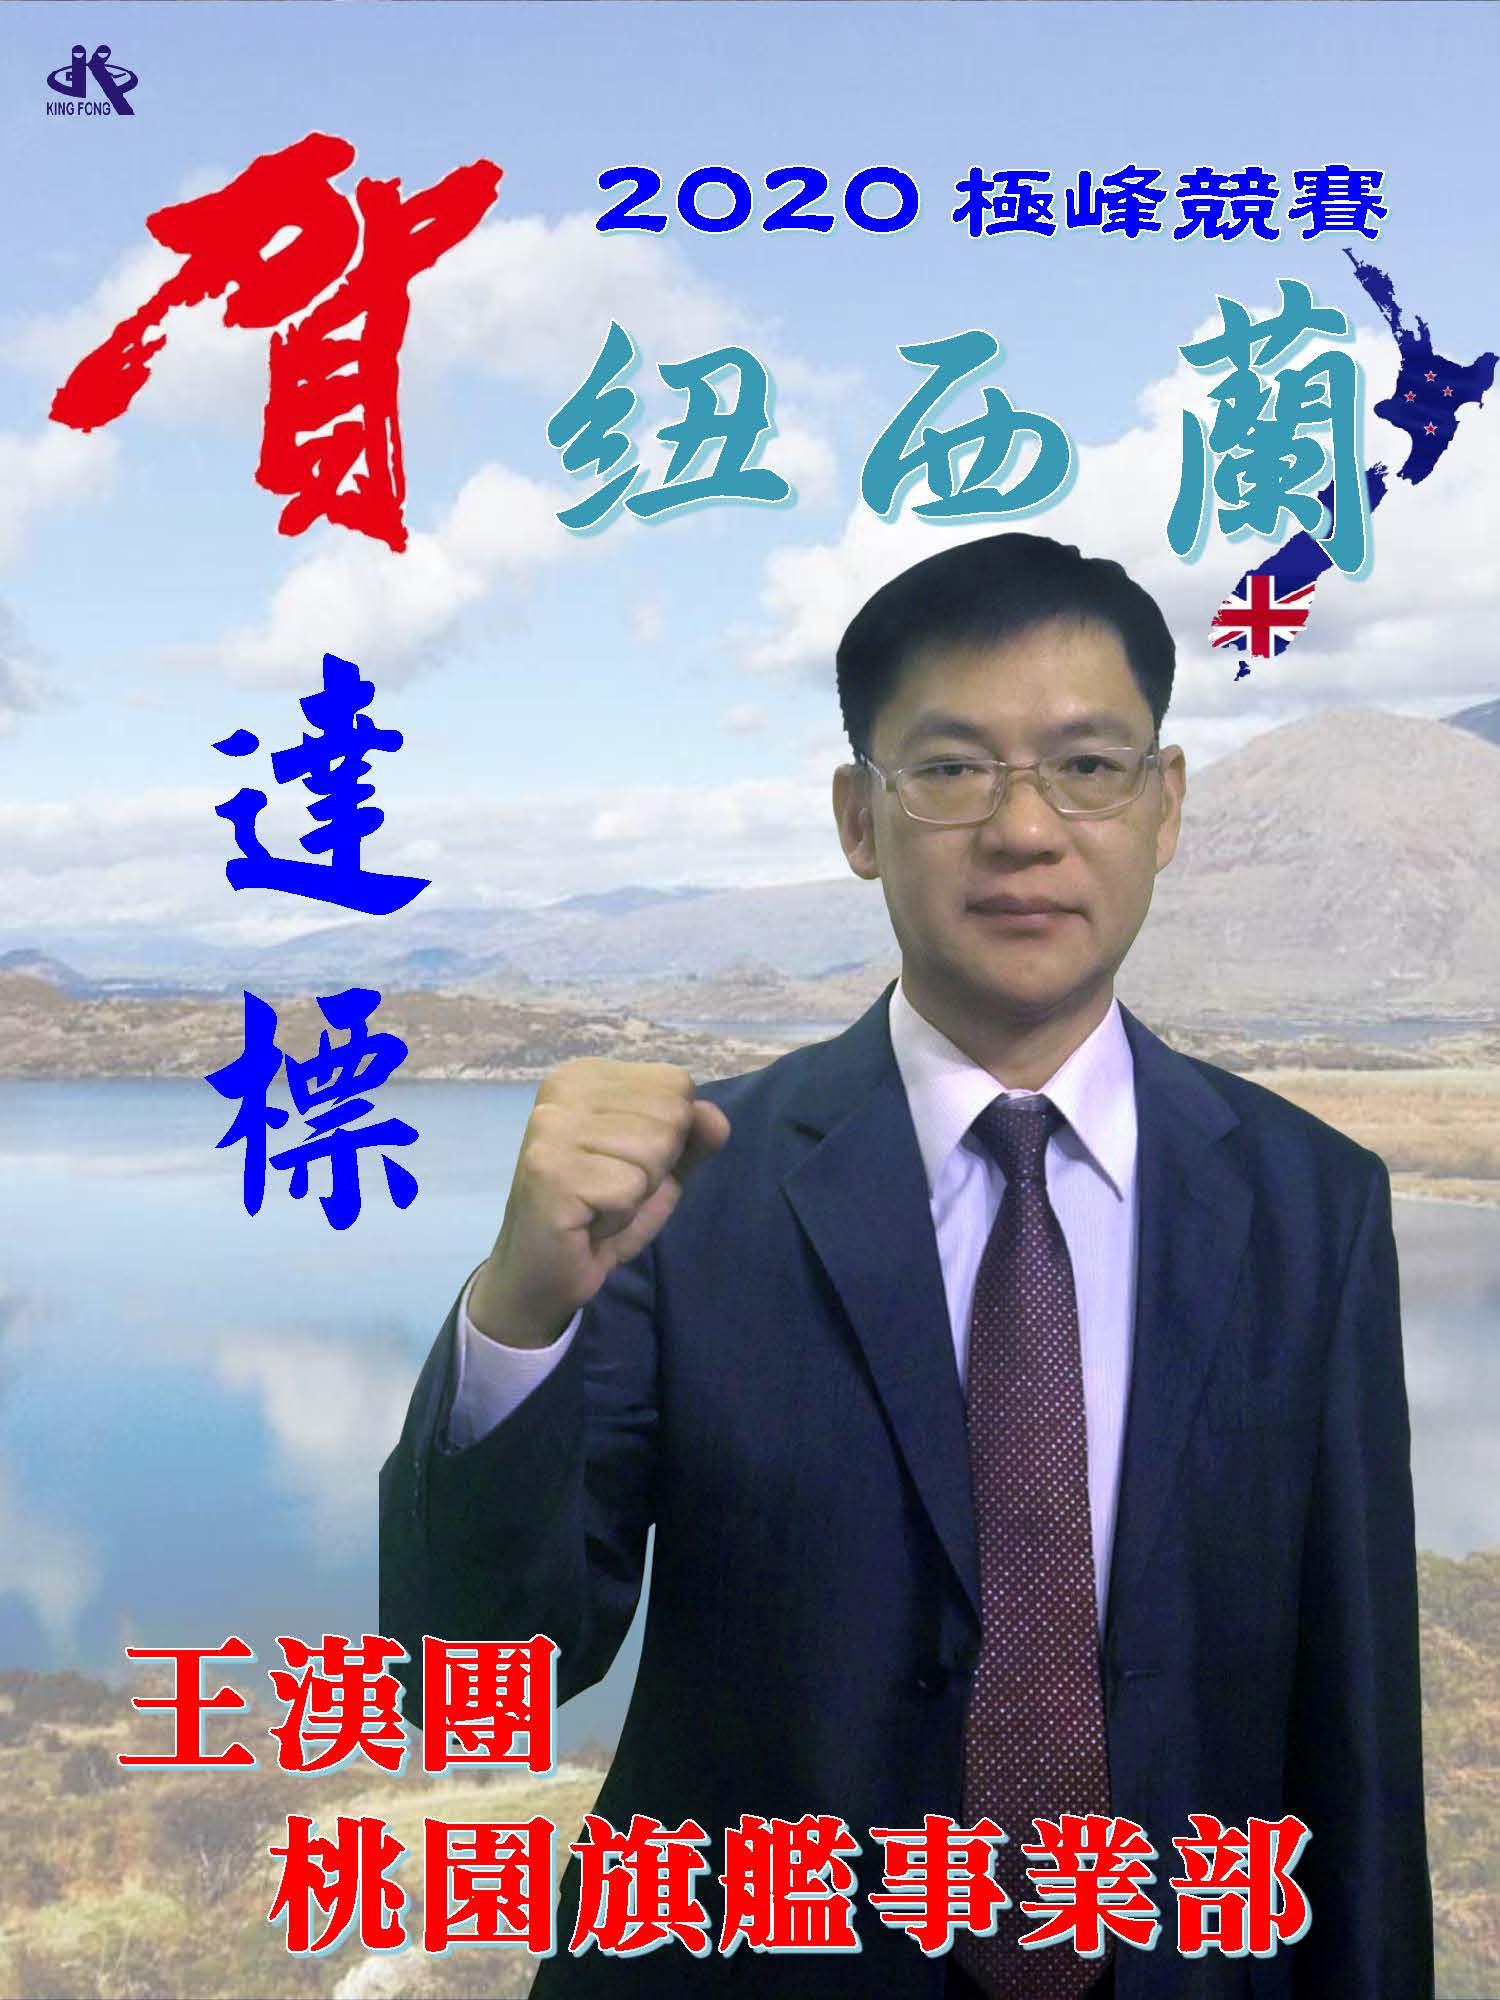 20200707-2020年極峰競賽紐西蘭英雄榜-王漢團